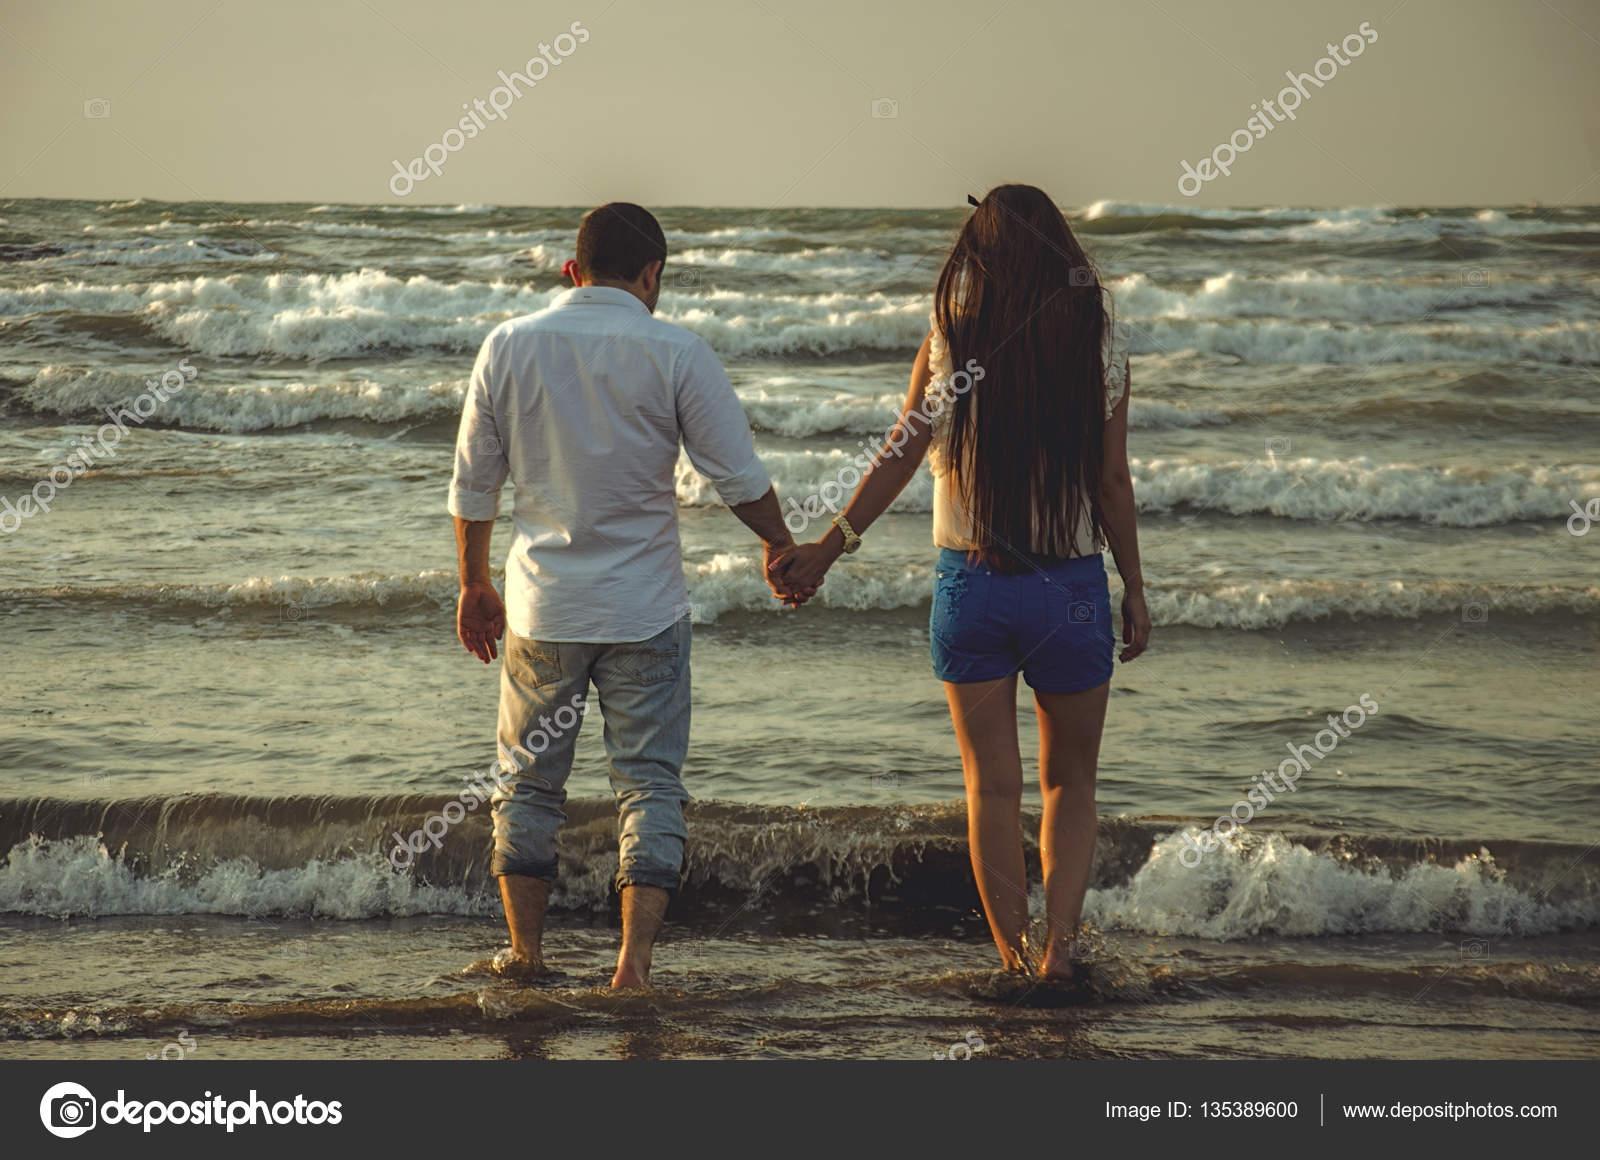 Happy držel ruku pár na pláži s vlnami moře nebo krásný pár na mořské  pobřeží. Láska c408fe4d195